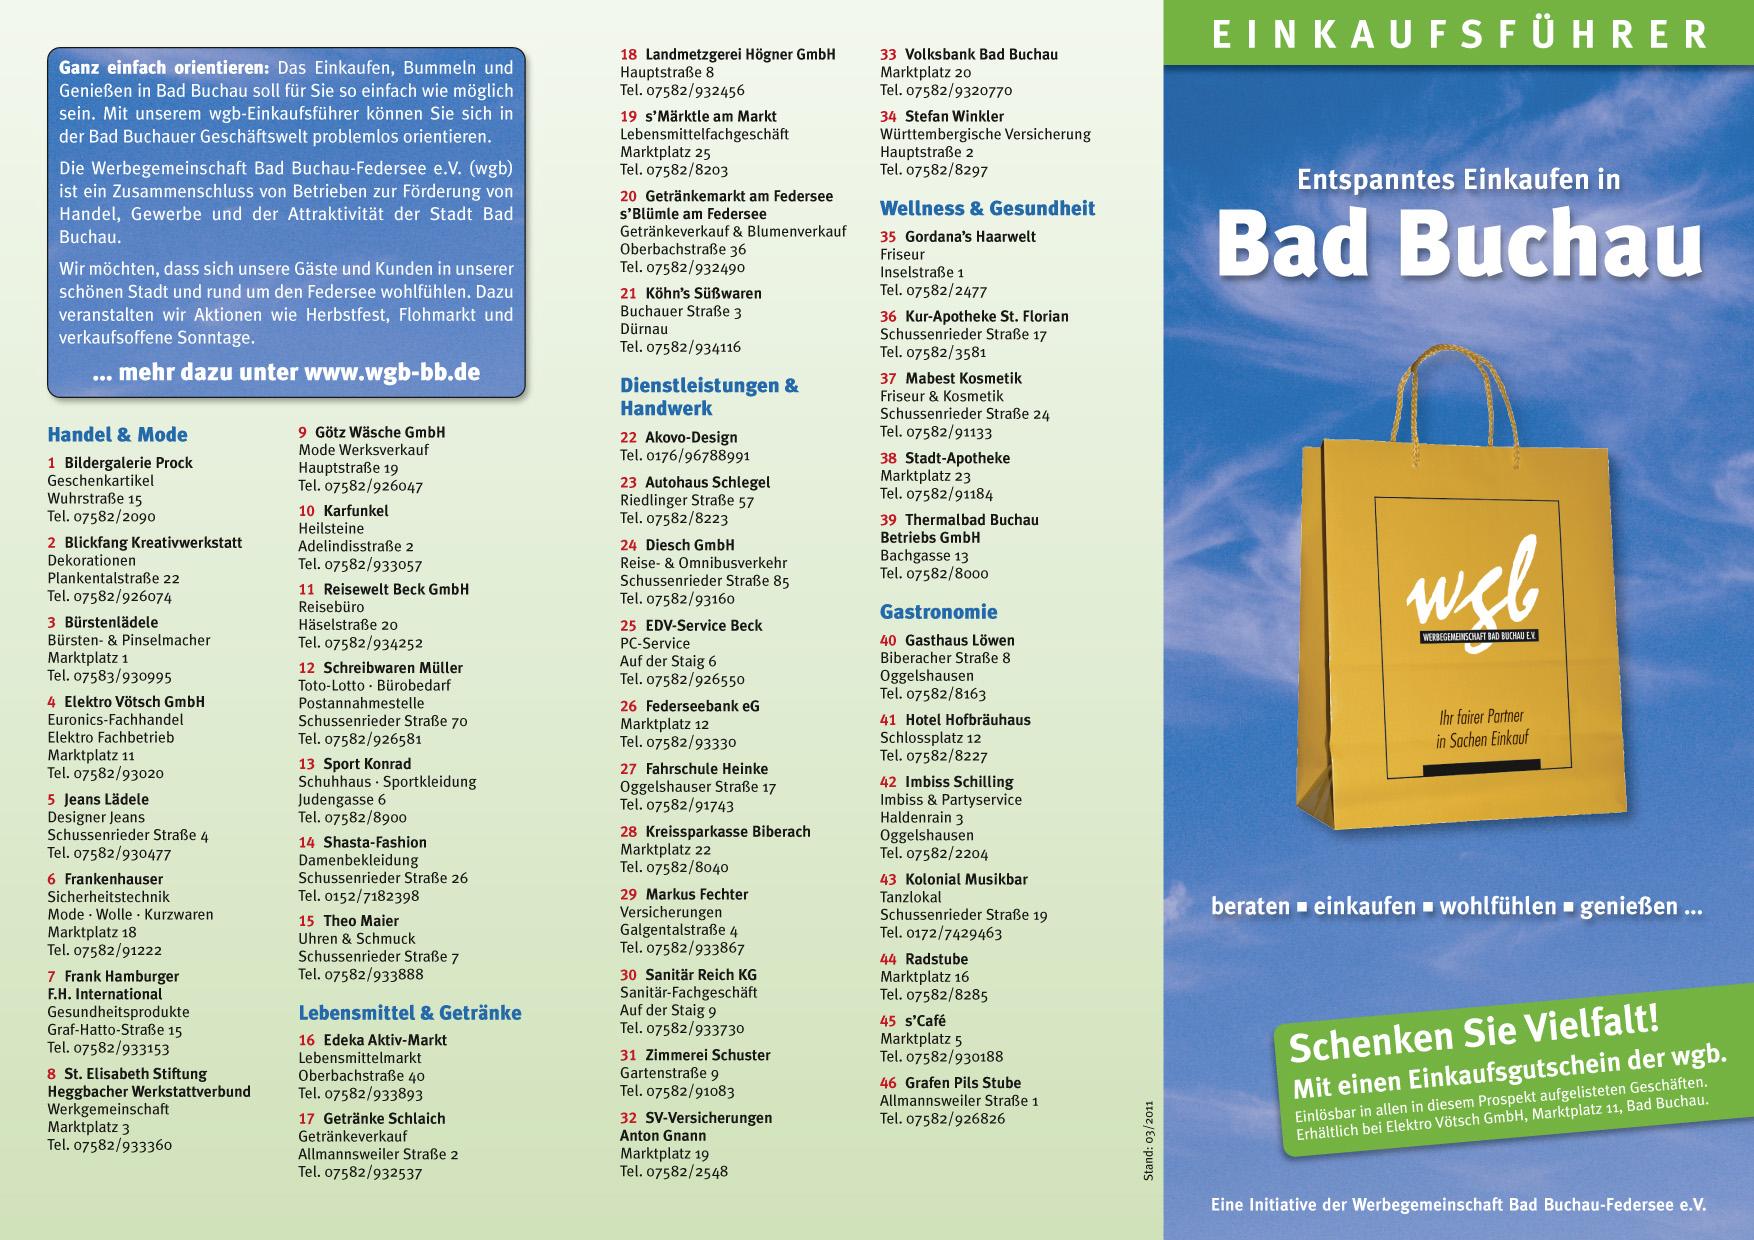 WGB Einkaufsführer Seite 1